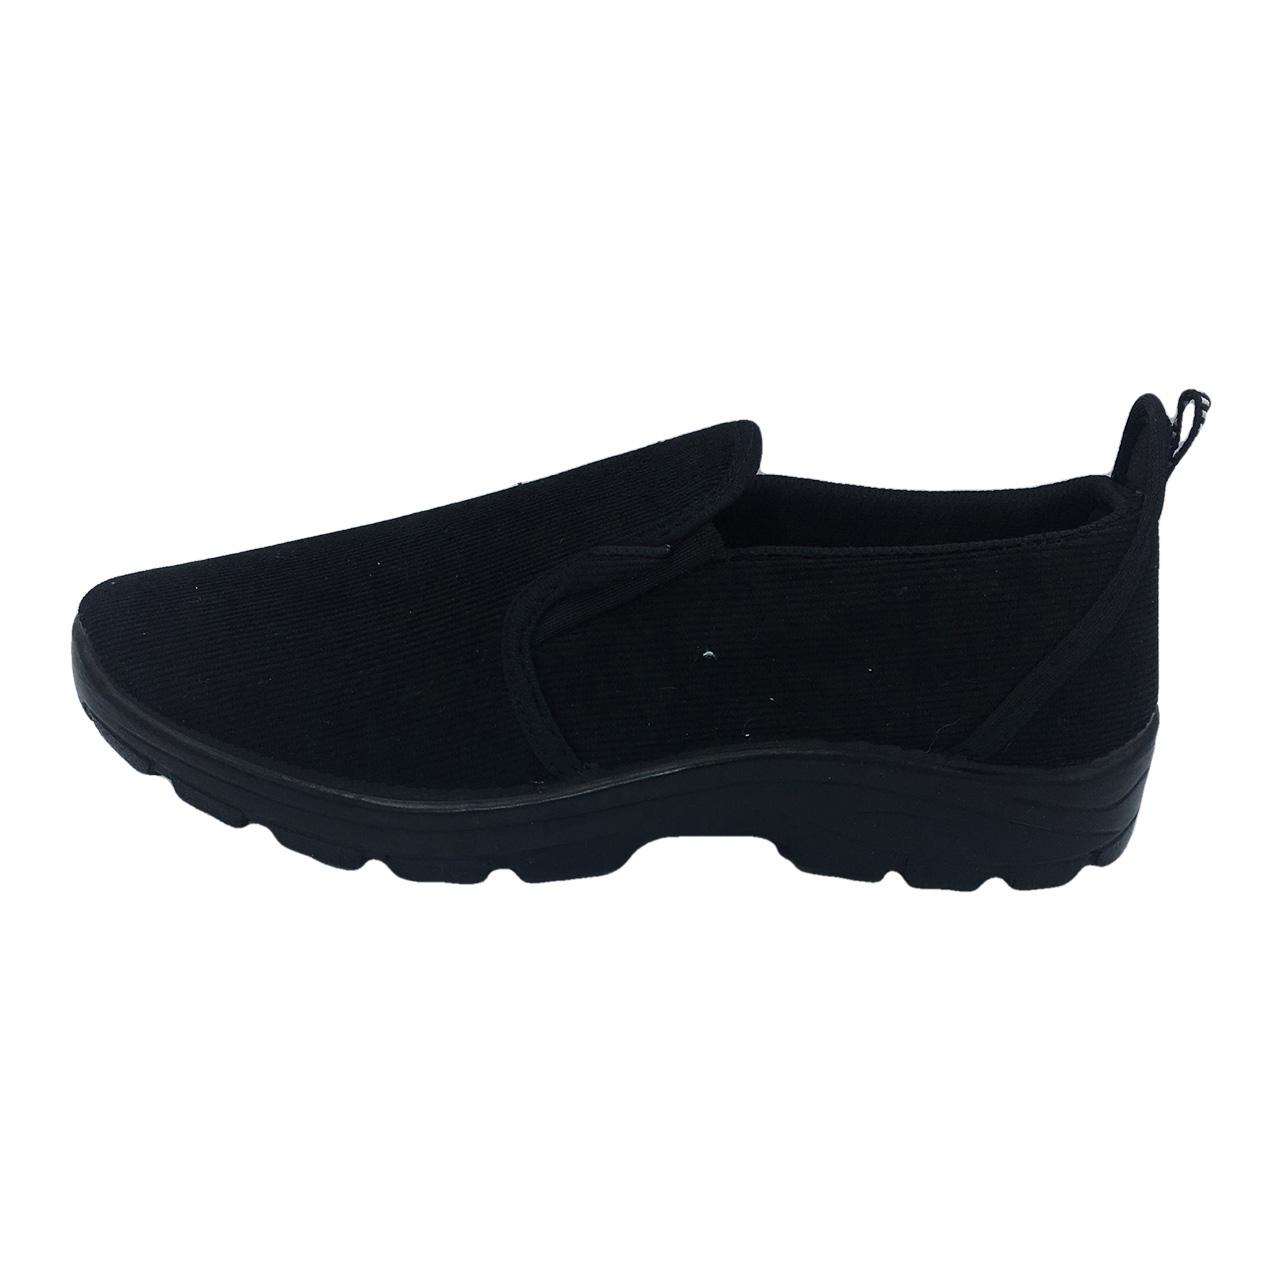 کفش مردانه کیان مدل پارسه کد 0800